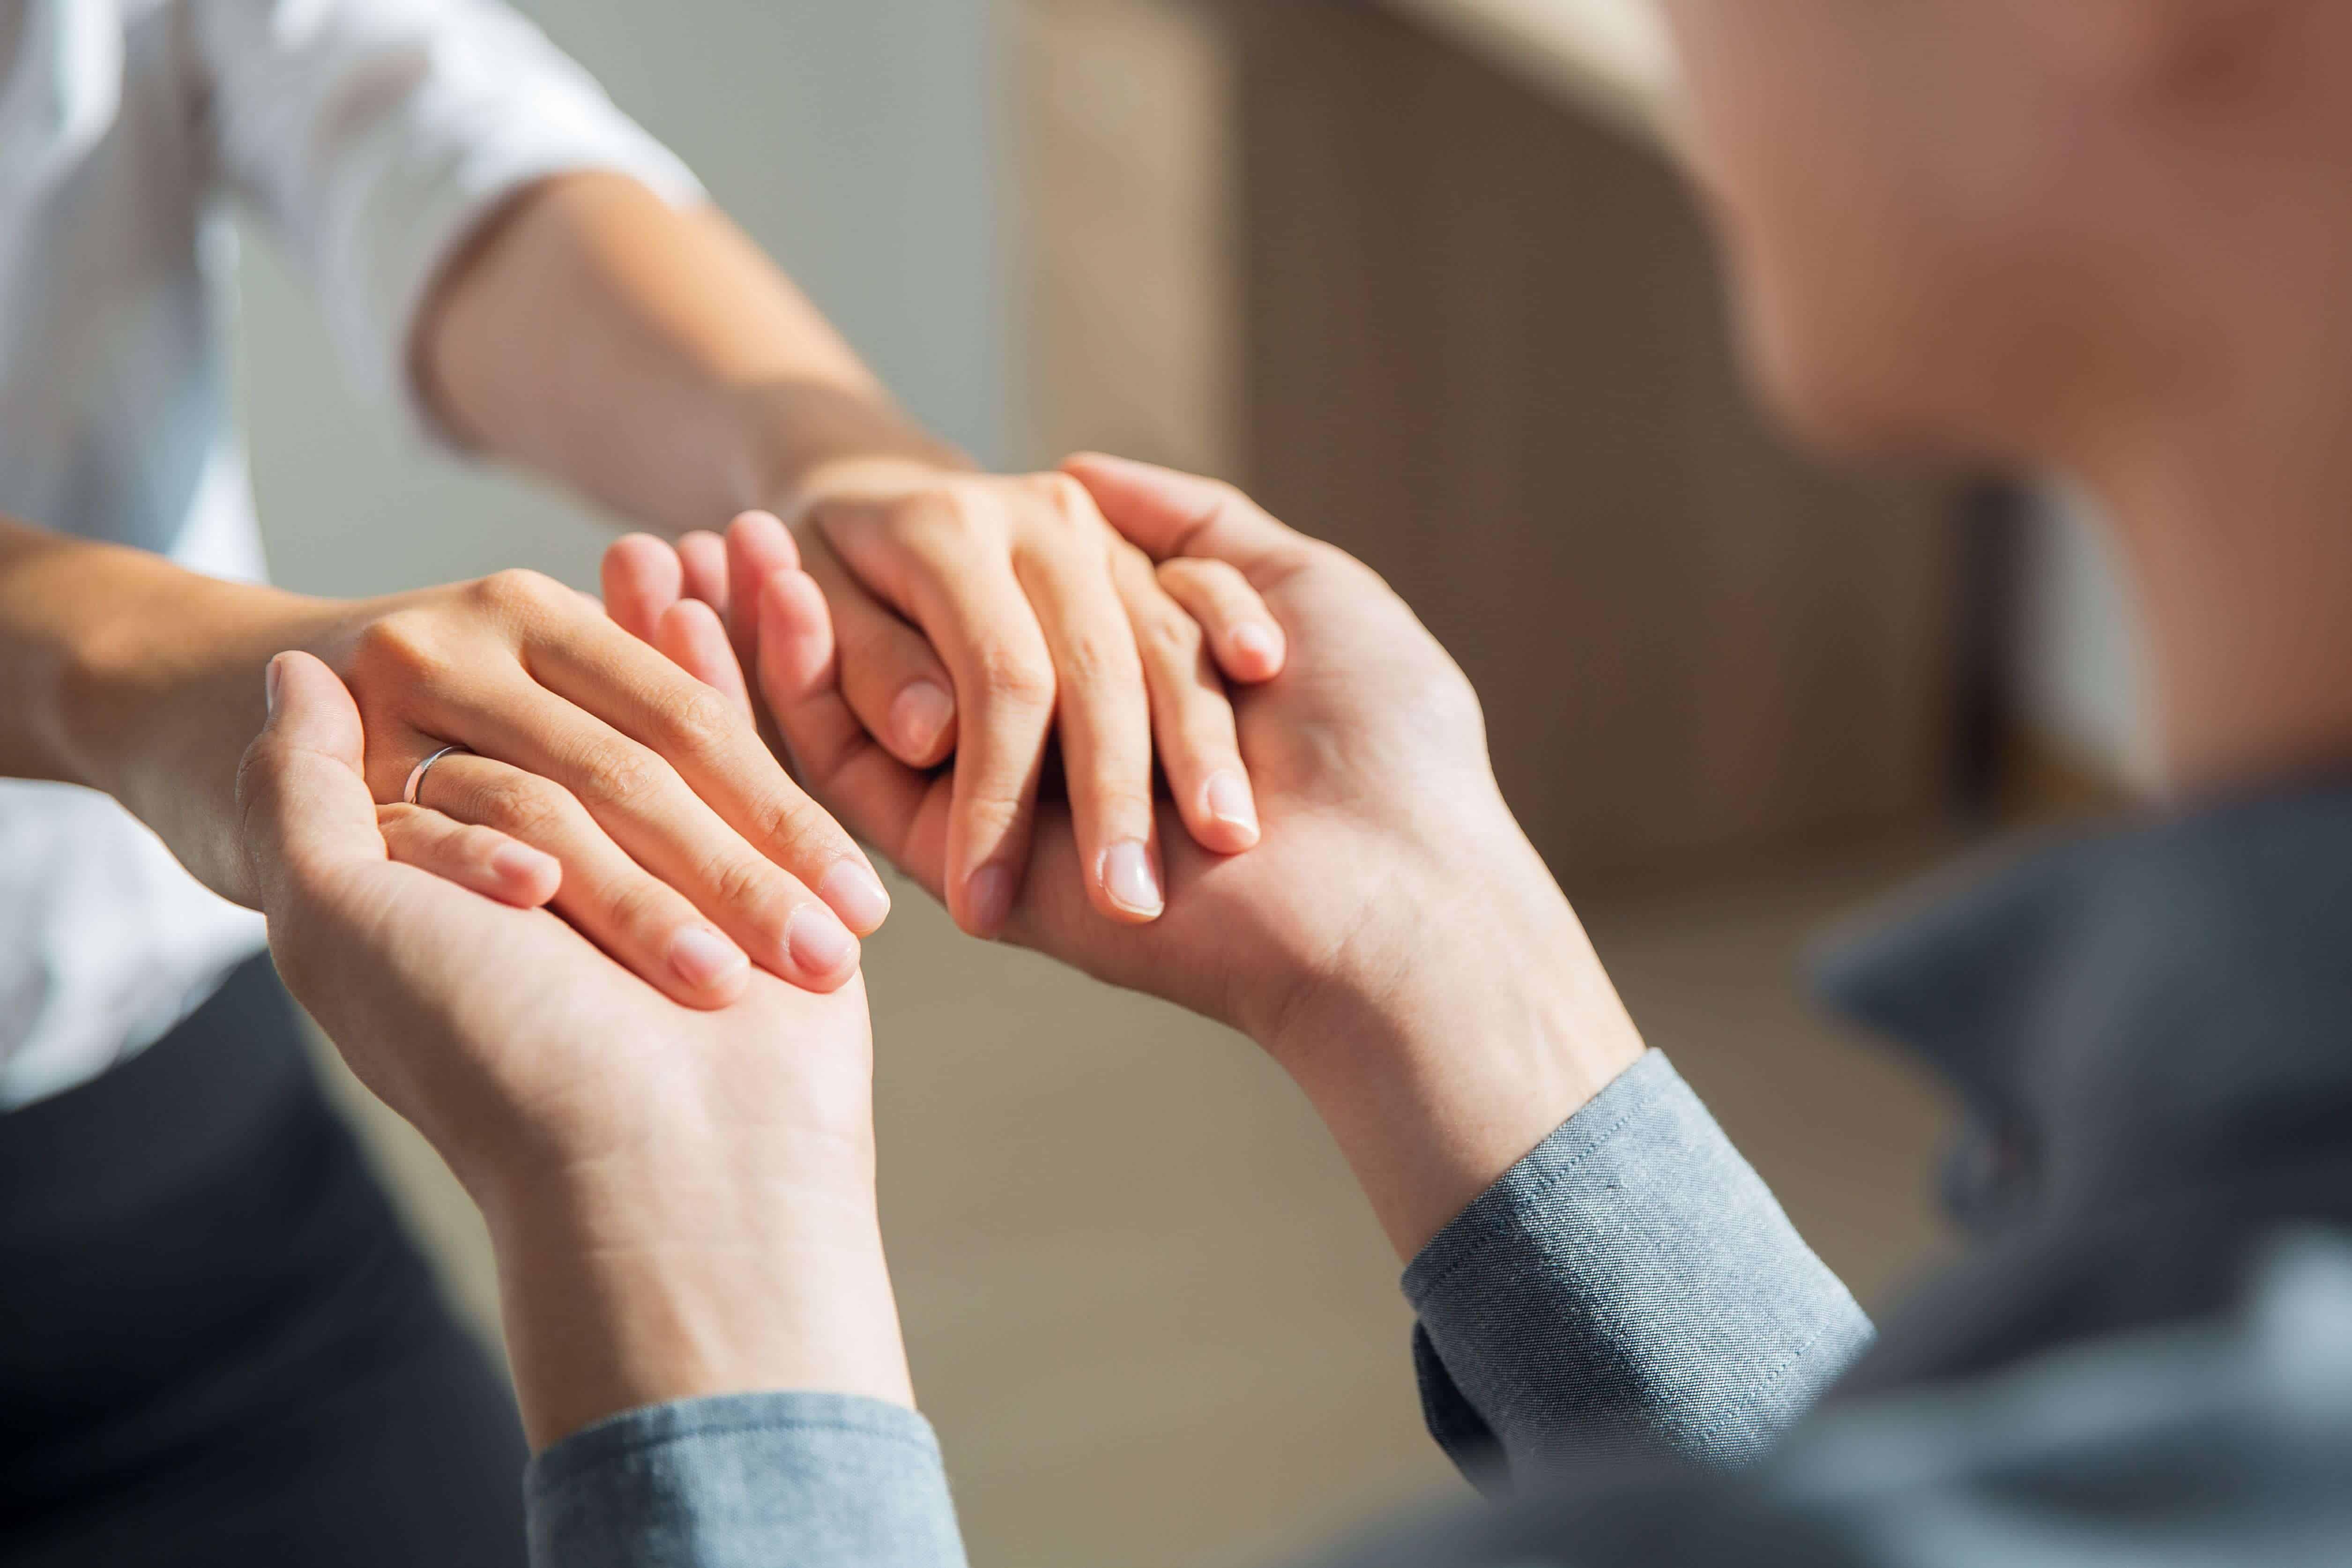 ayudar a mi amigo, pareja o familiar con depresión